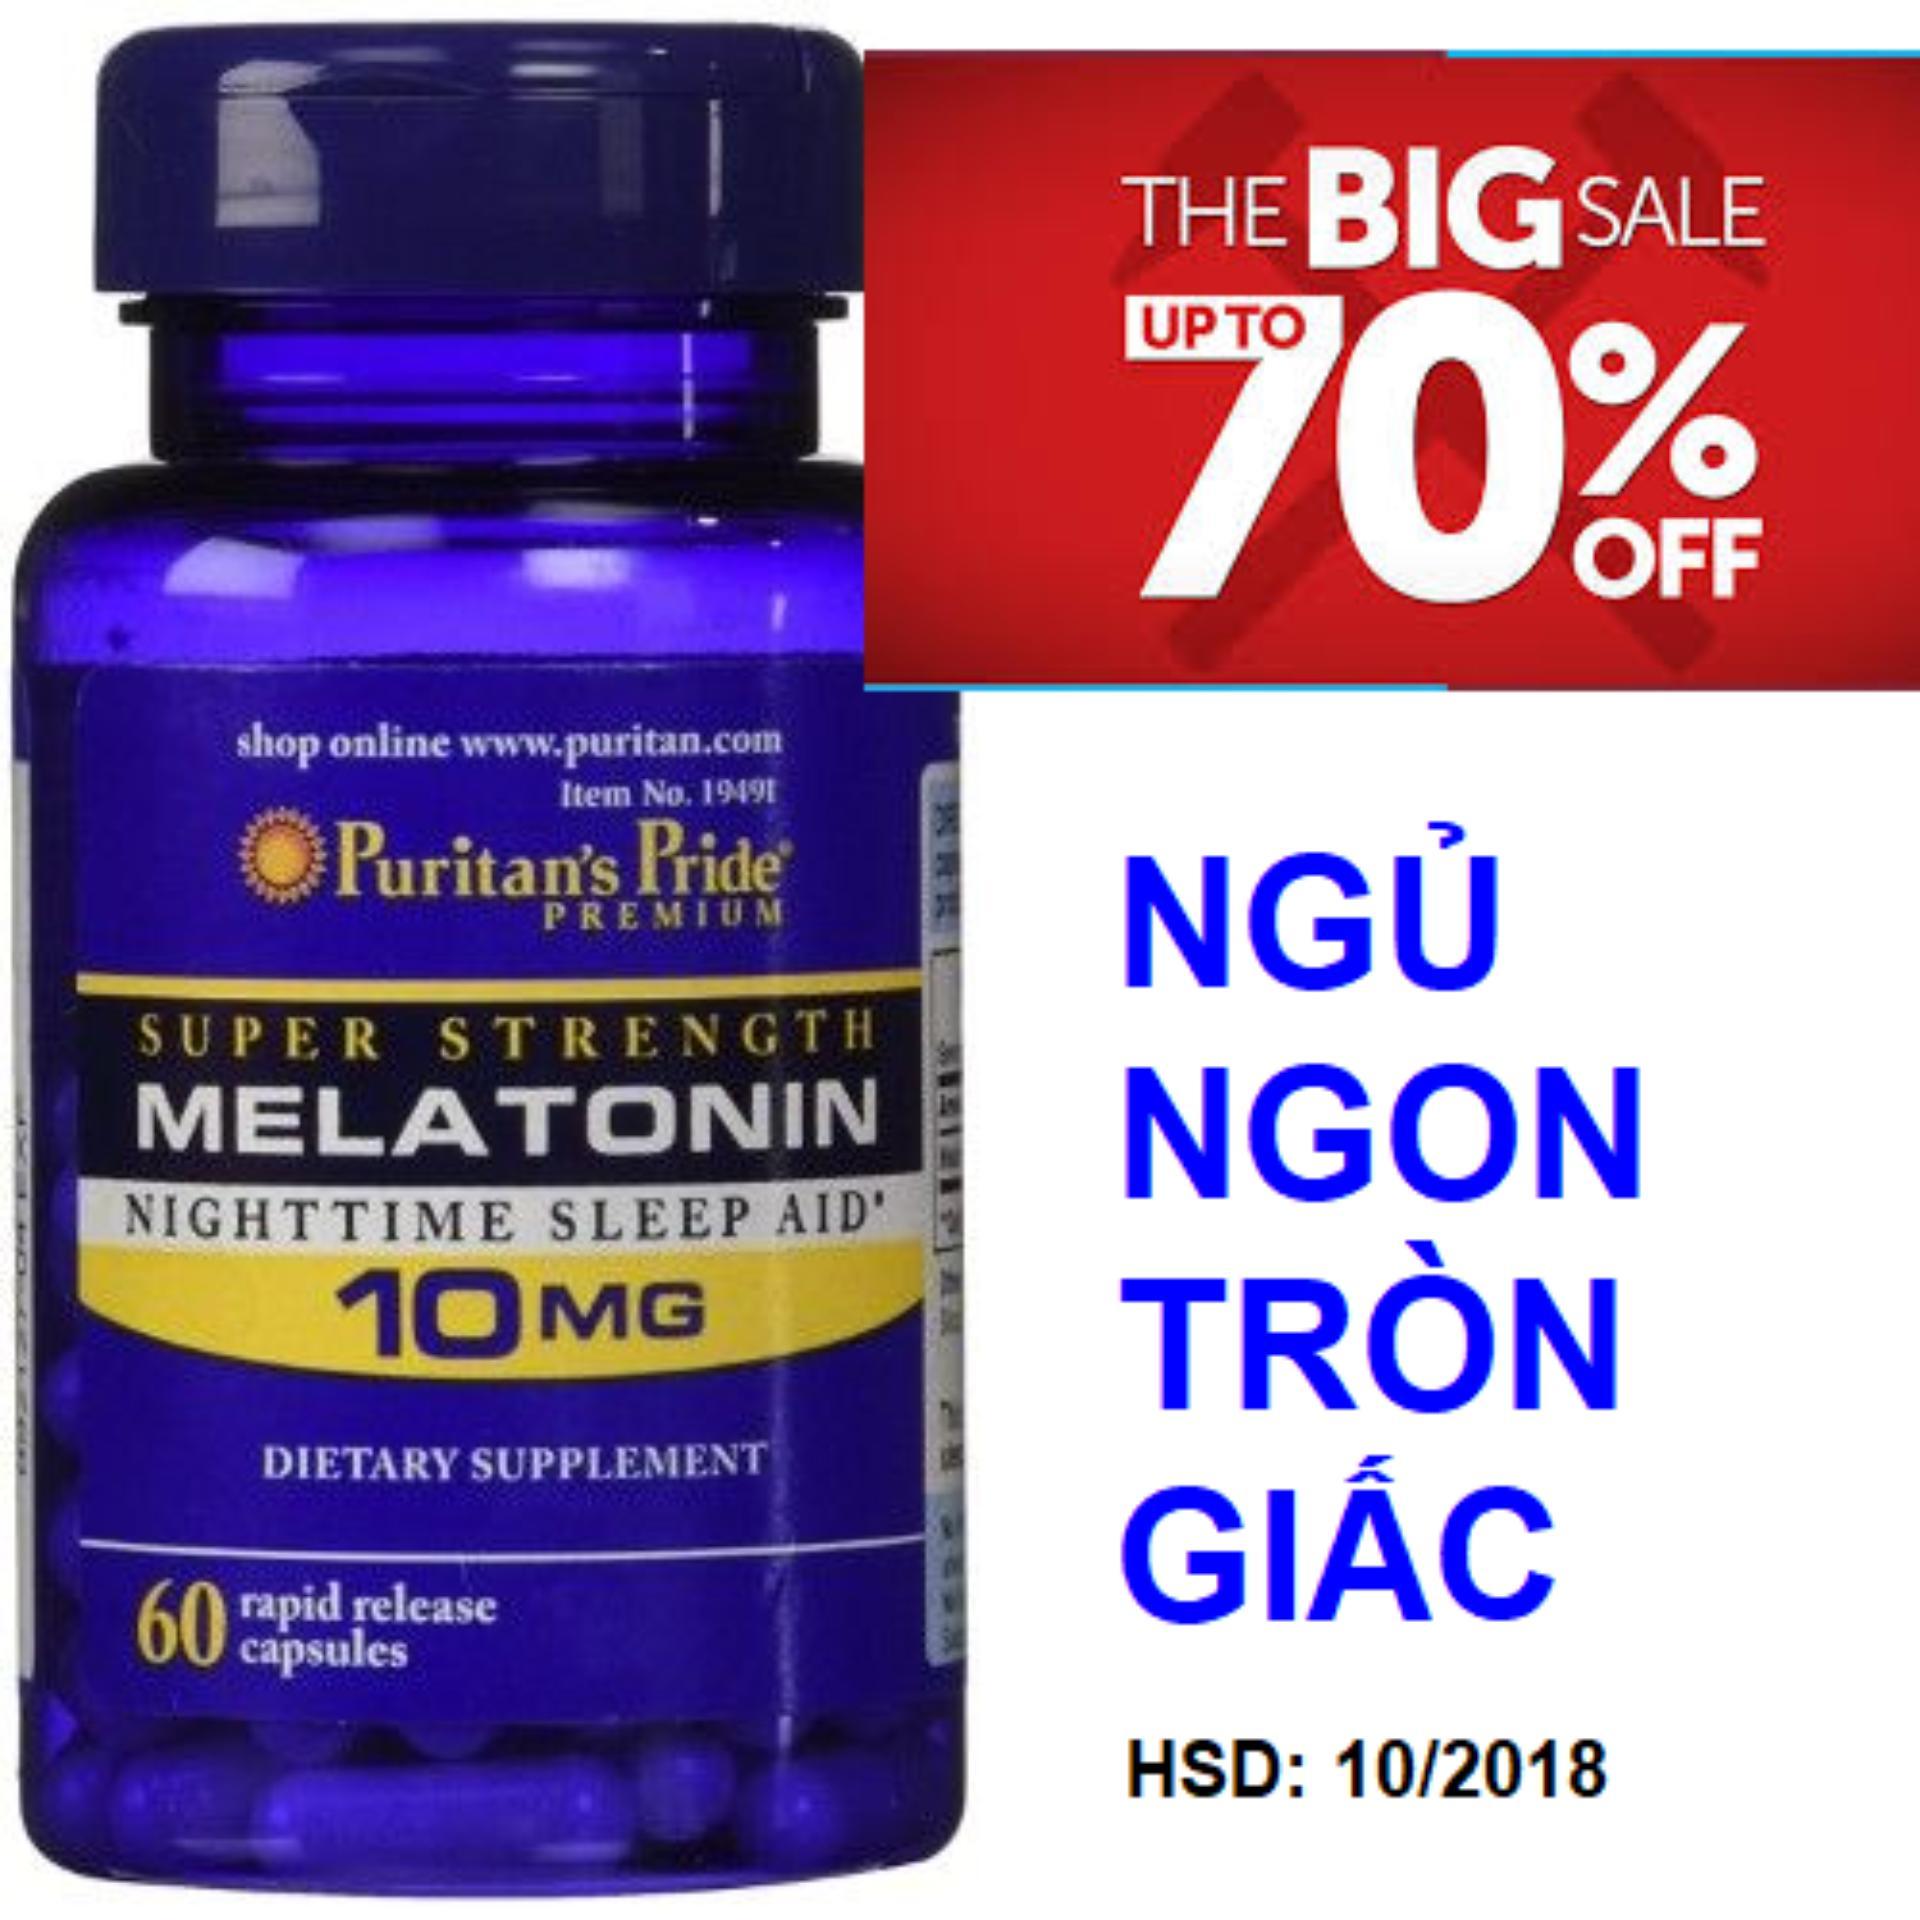 Hình ảnh Viên uống hỗ trợ giấc ngủ tự nhiên, giúp ngủ ngon không gây tác dụng phụ Puritan's Pride Extra Strength Melatonin 5mg 60 viên HSD tháng 10/2018